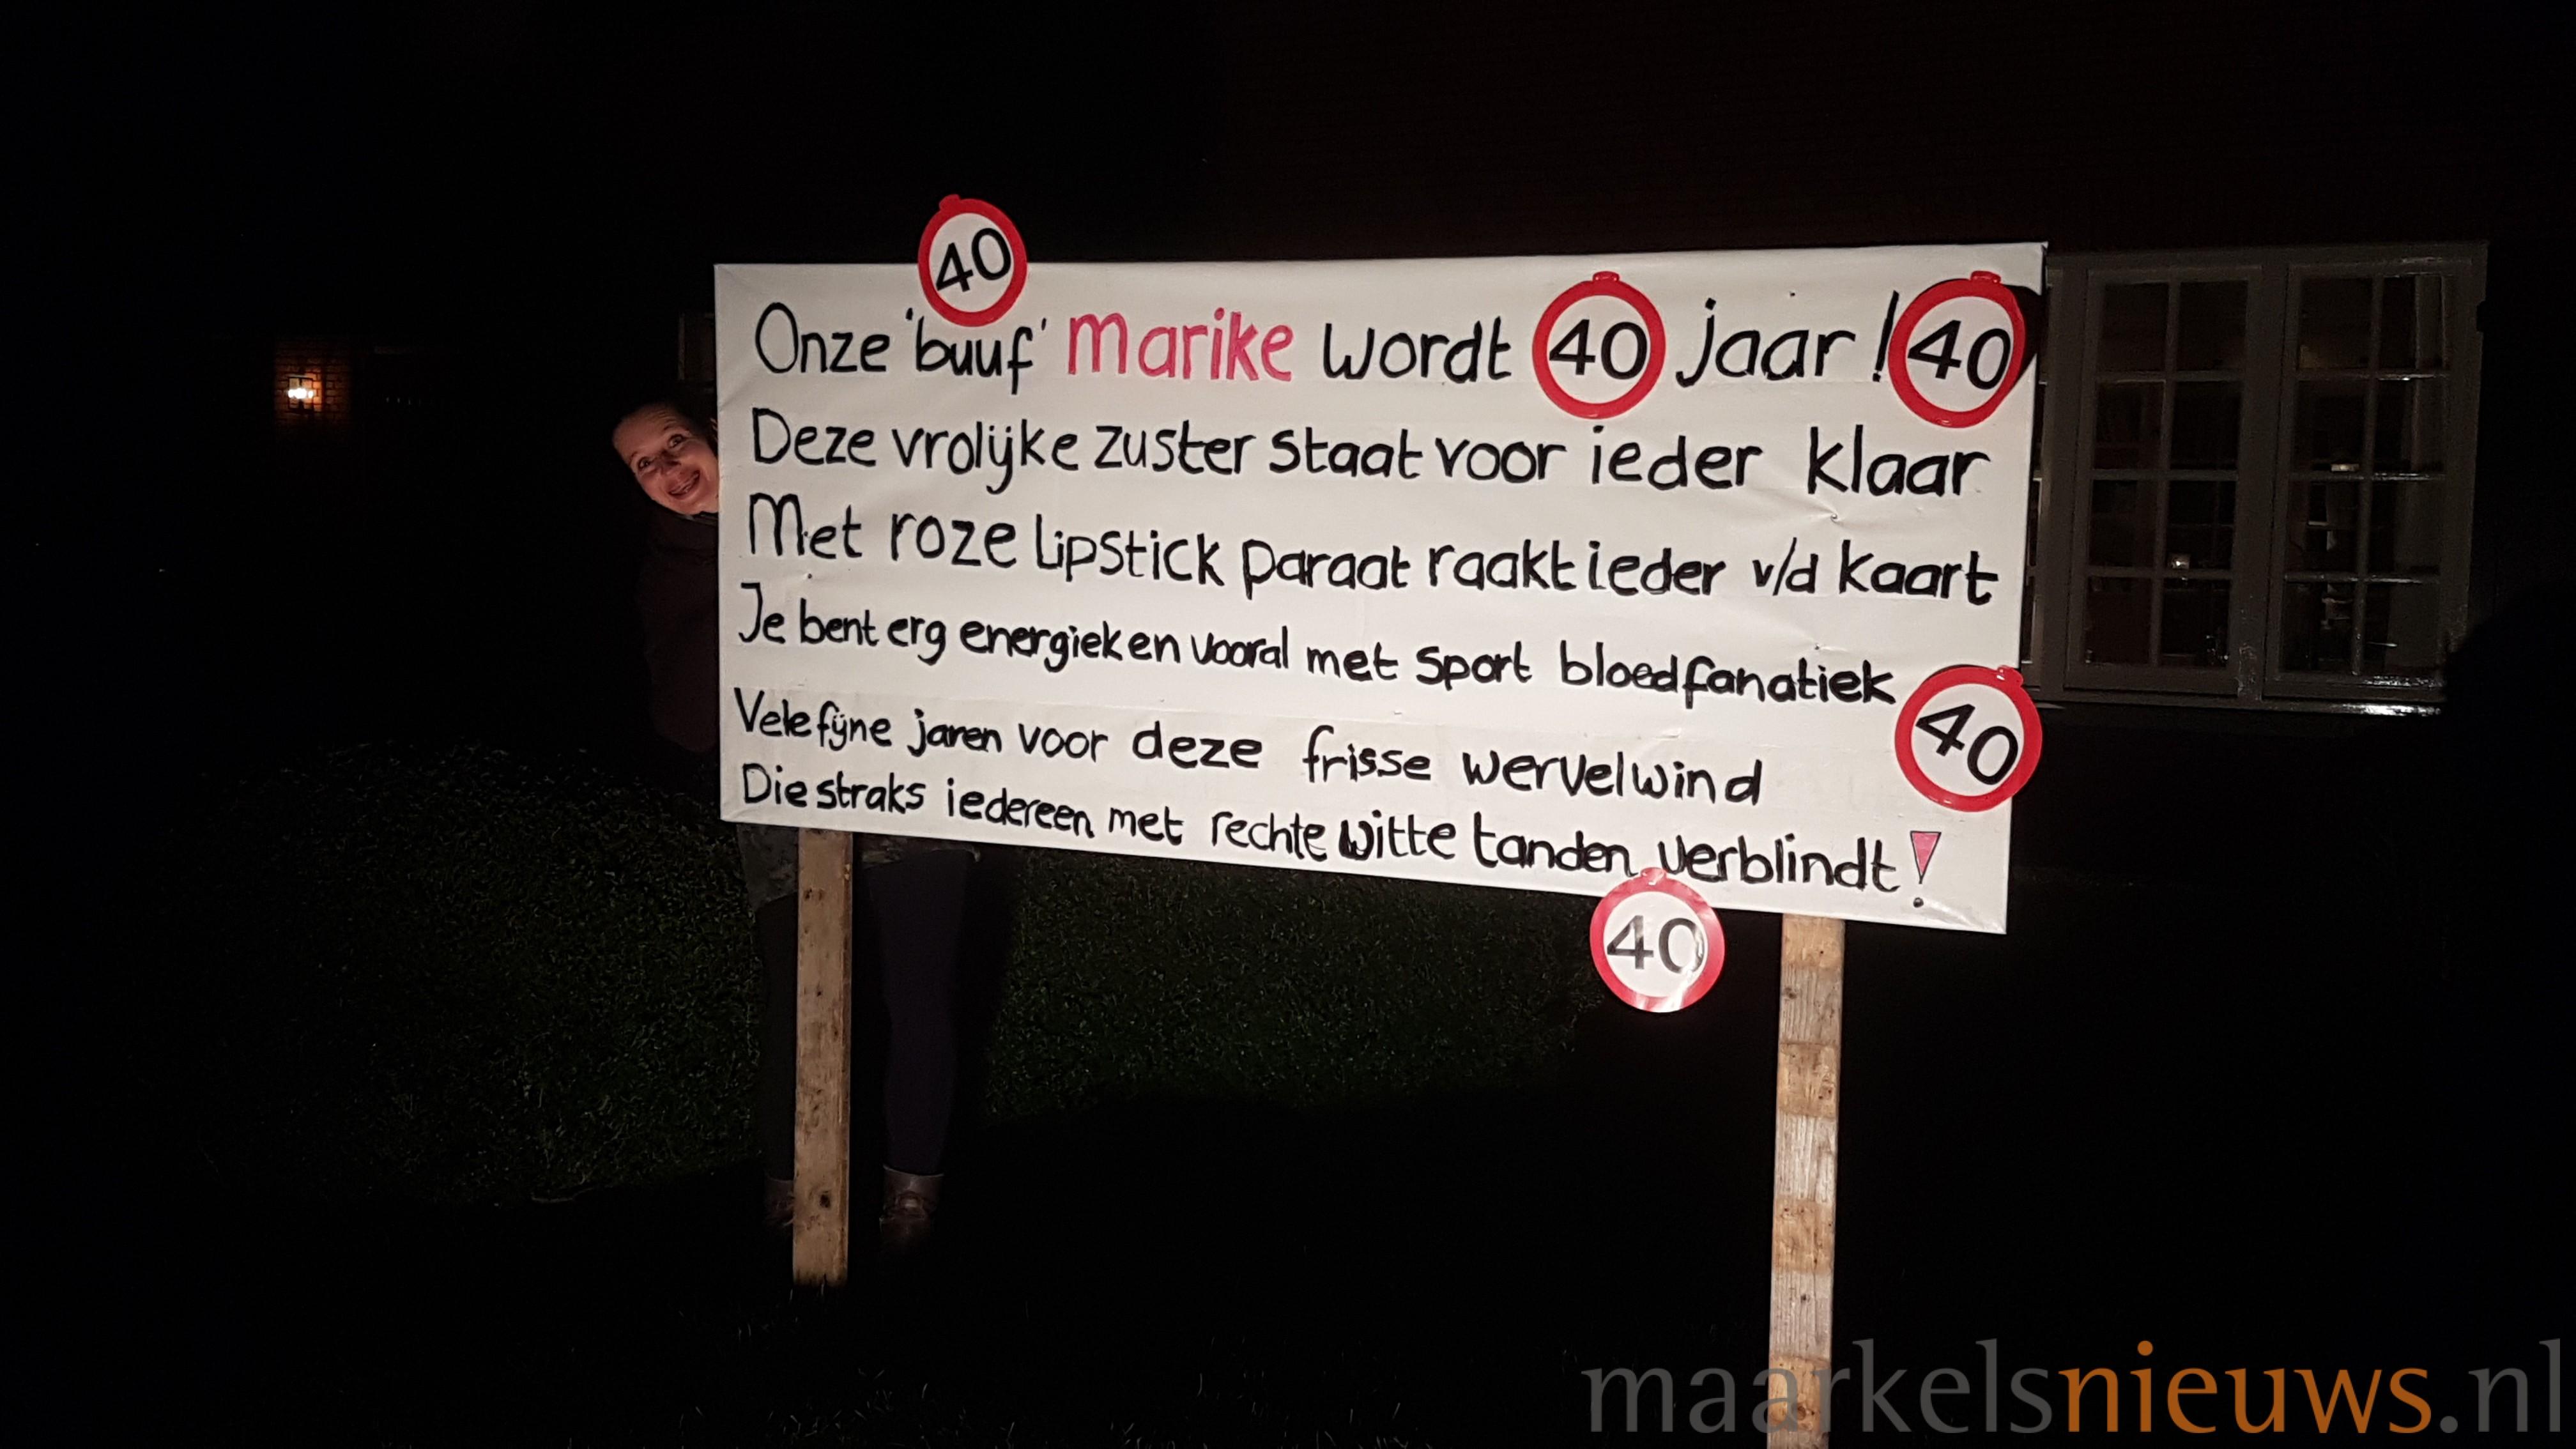 Wonderbaar Marike Woudenberg 40 jaar - Maarkelsnieuws.nl BD-99